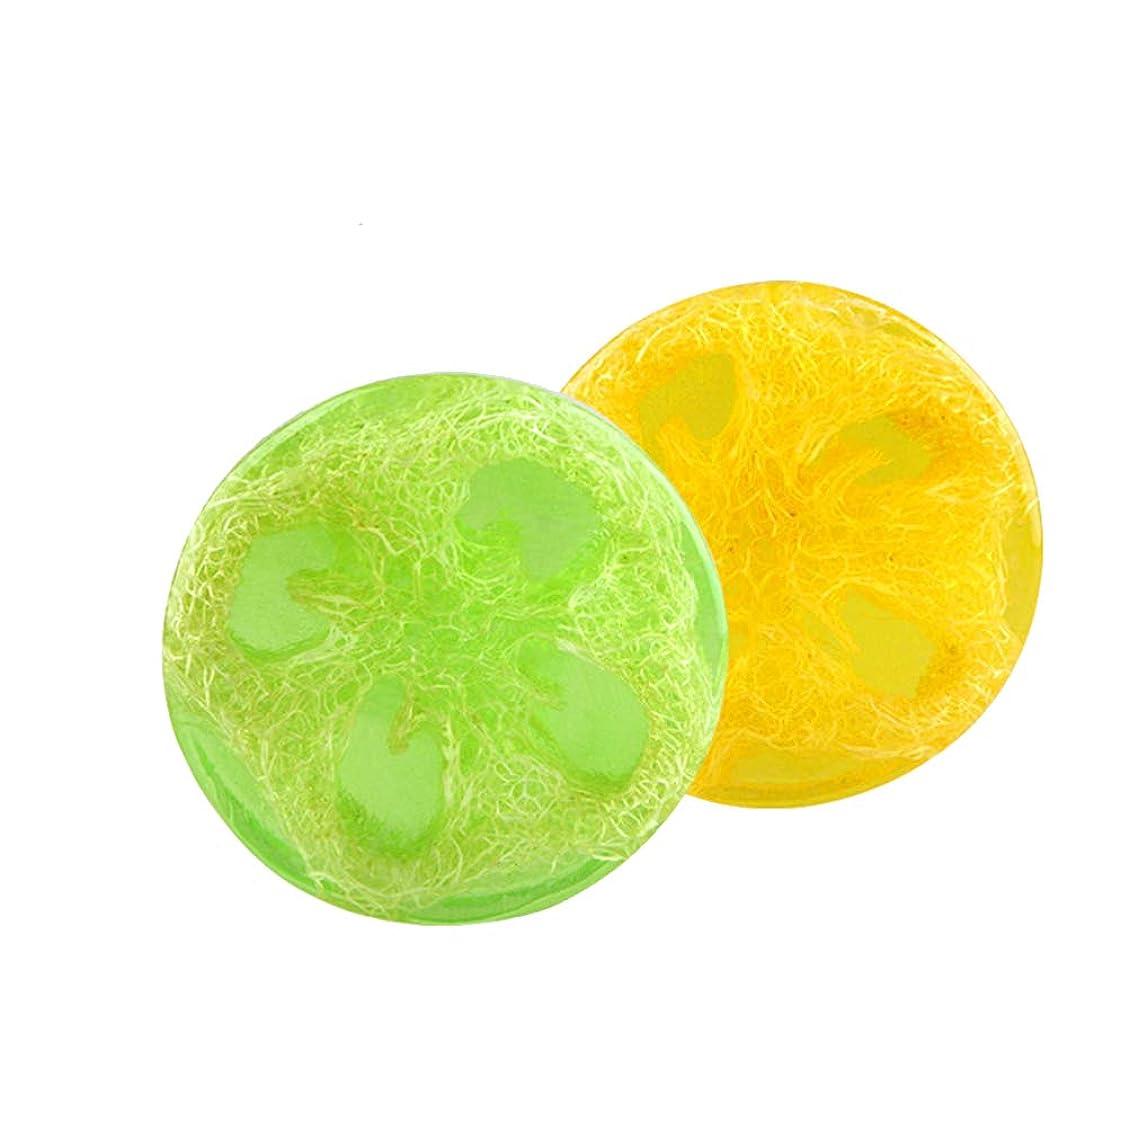 モジュール赤外線ヶ月目Lurrose ハンドメイドエッセンシャルオイルソープバーモイスチャライジングボディウォッシュソープ2個(アロエとレモン)